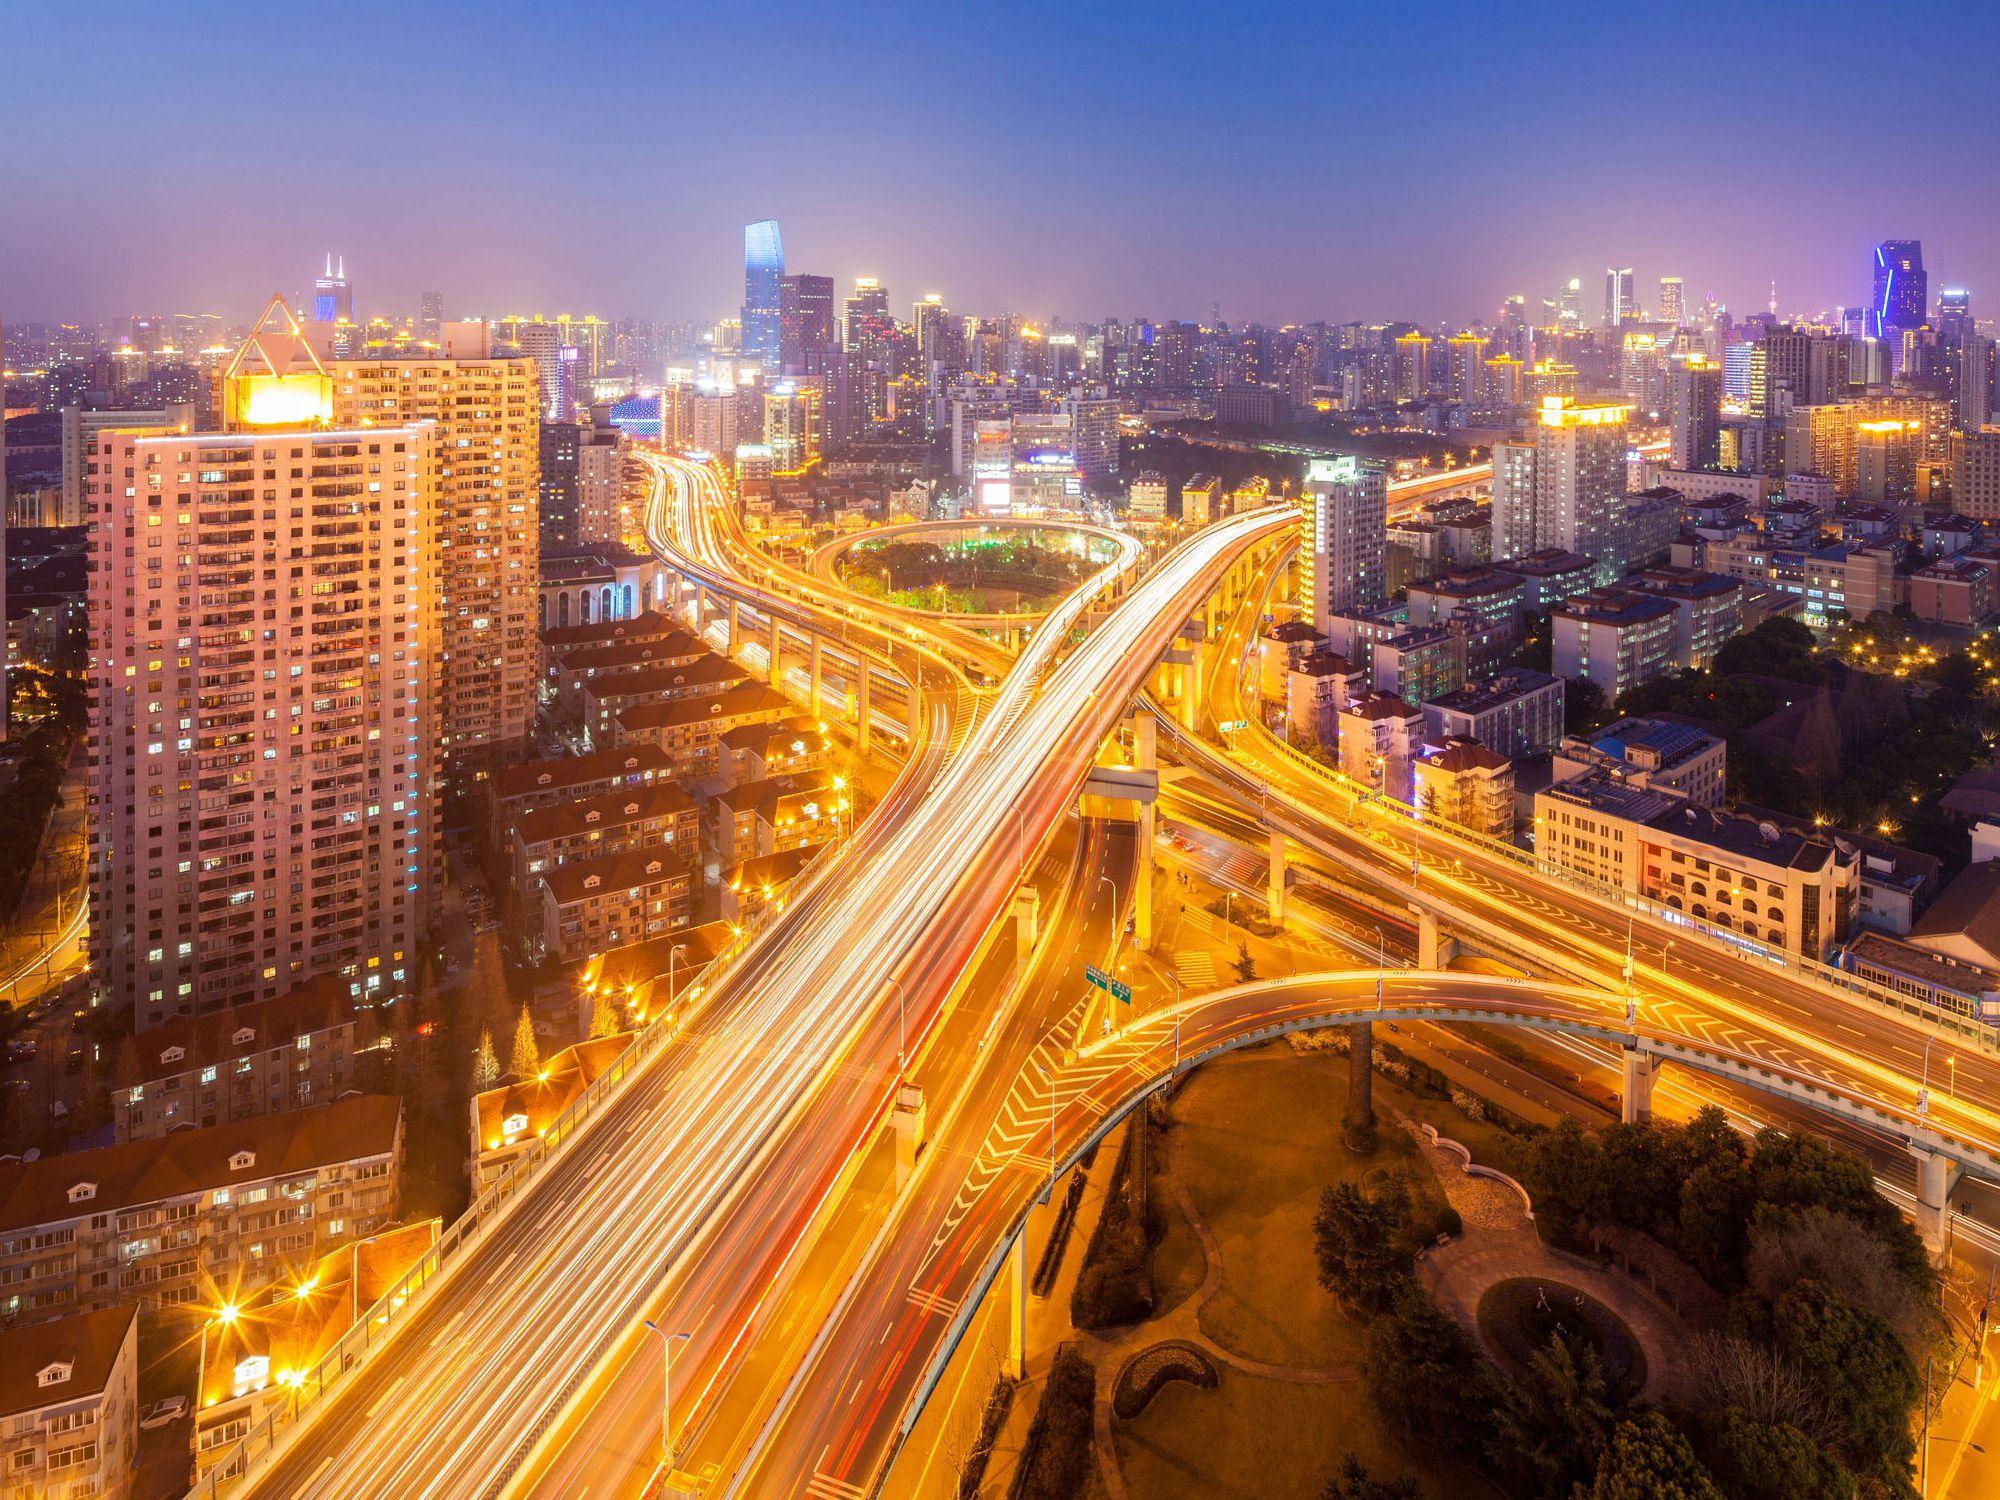 Traffic optimization software